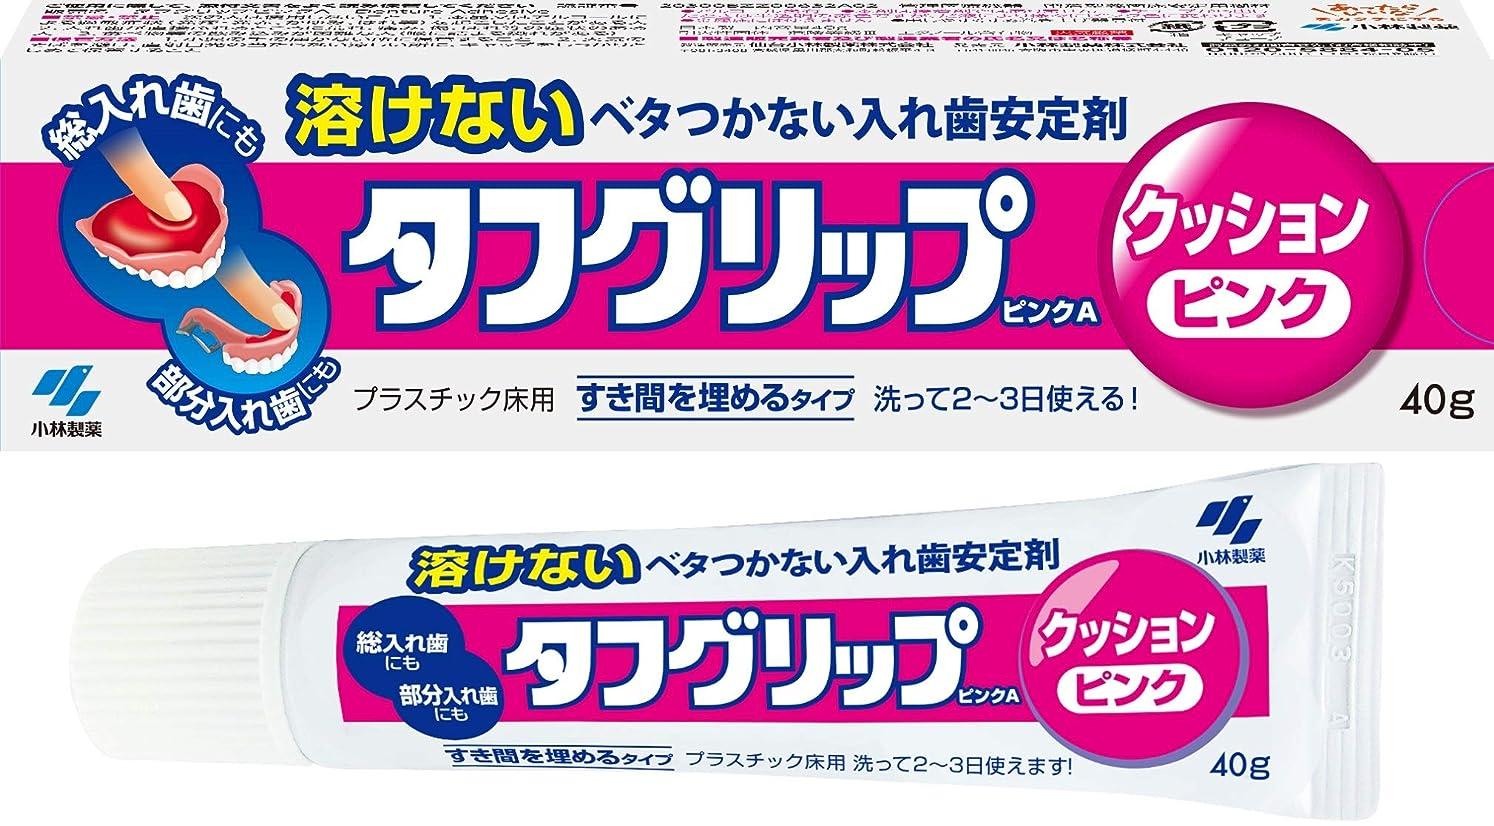 不振悪党セミナータフグリップクッション ピンク 入れ歯安定剤(総入れ歯?部分入れ歯) 40g